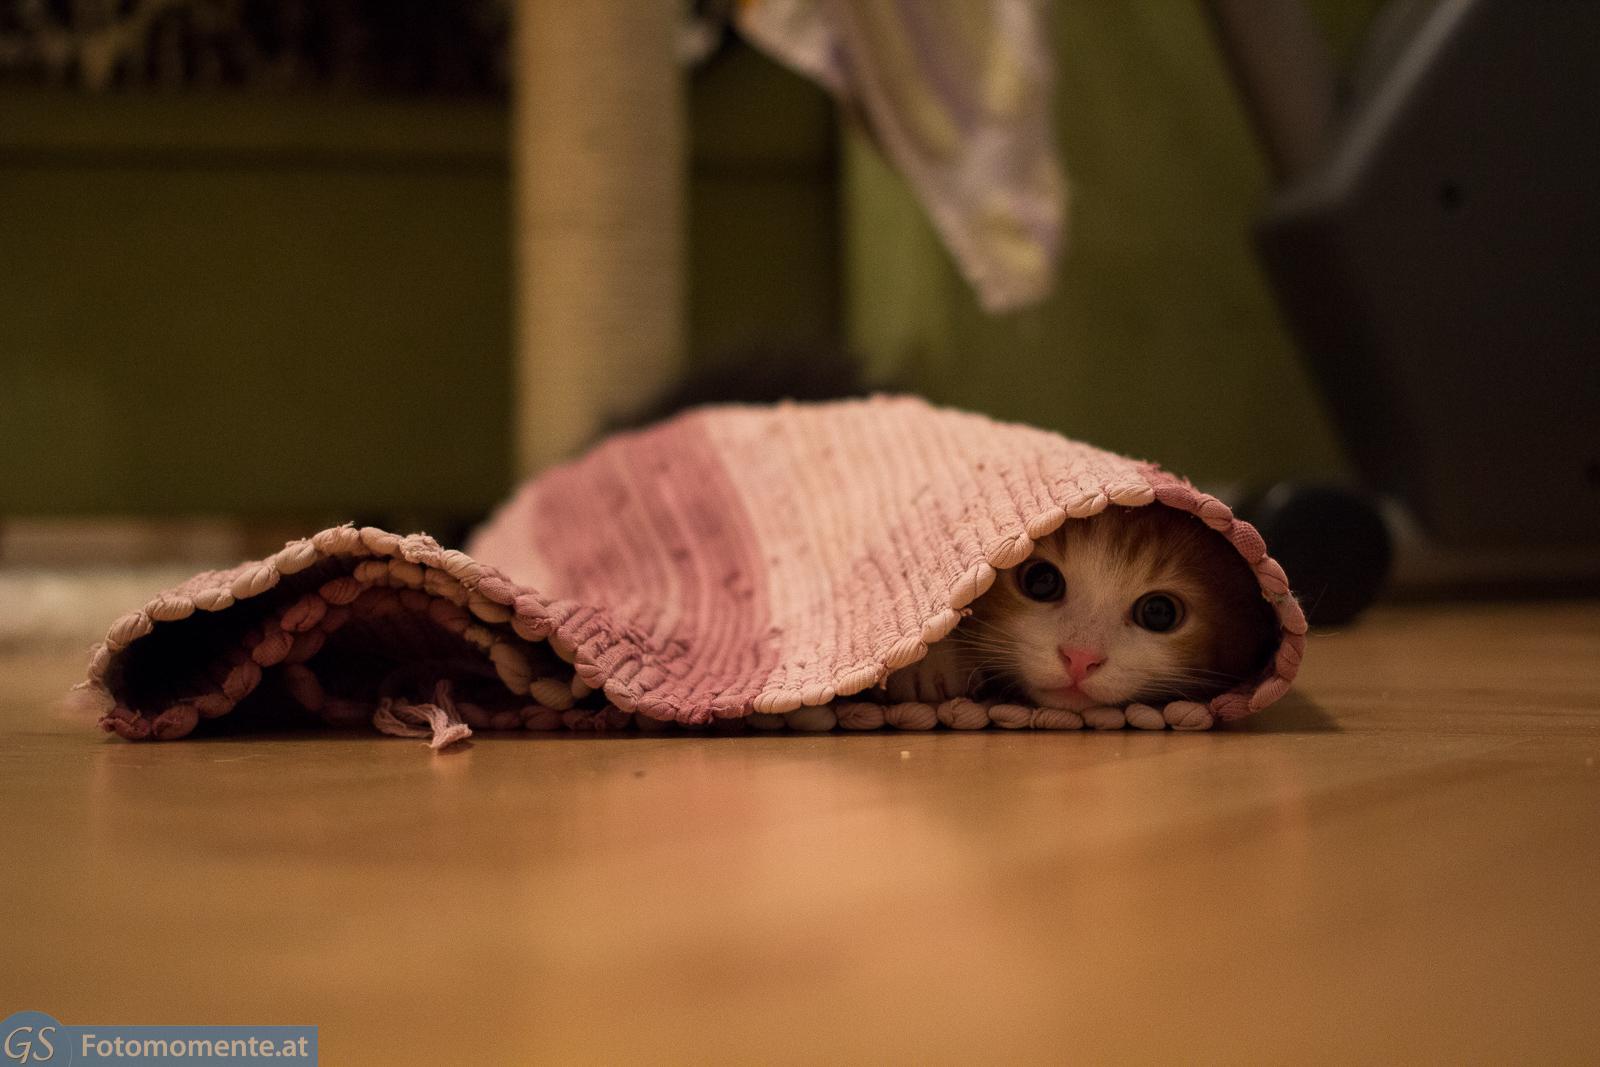 23 Katzen Leo verstecken teppich - Katze Bounty und Kater Leo 10 - 12 Wochen alt - Teil 3